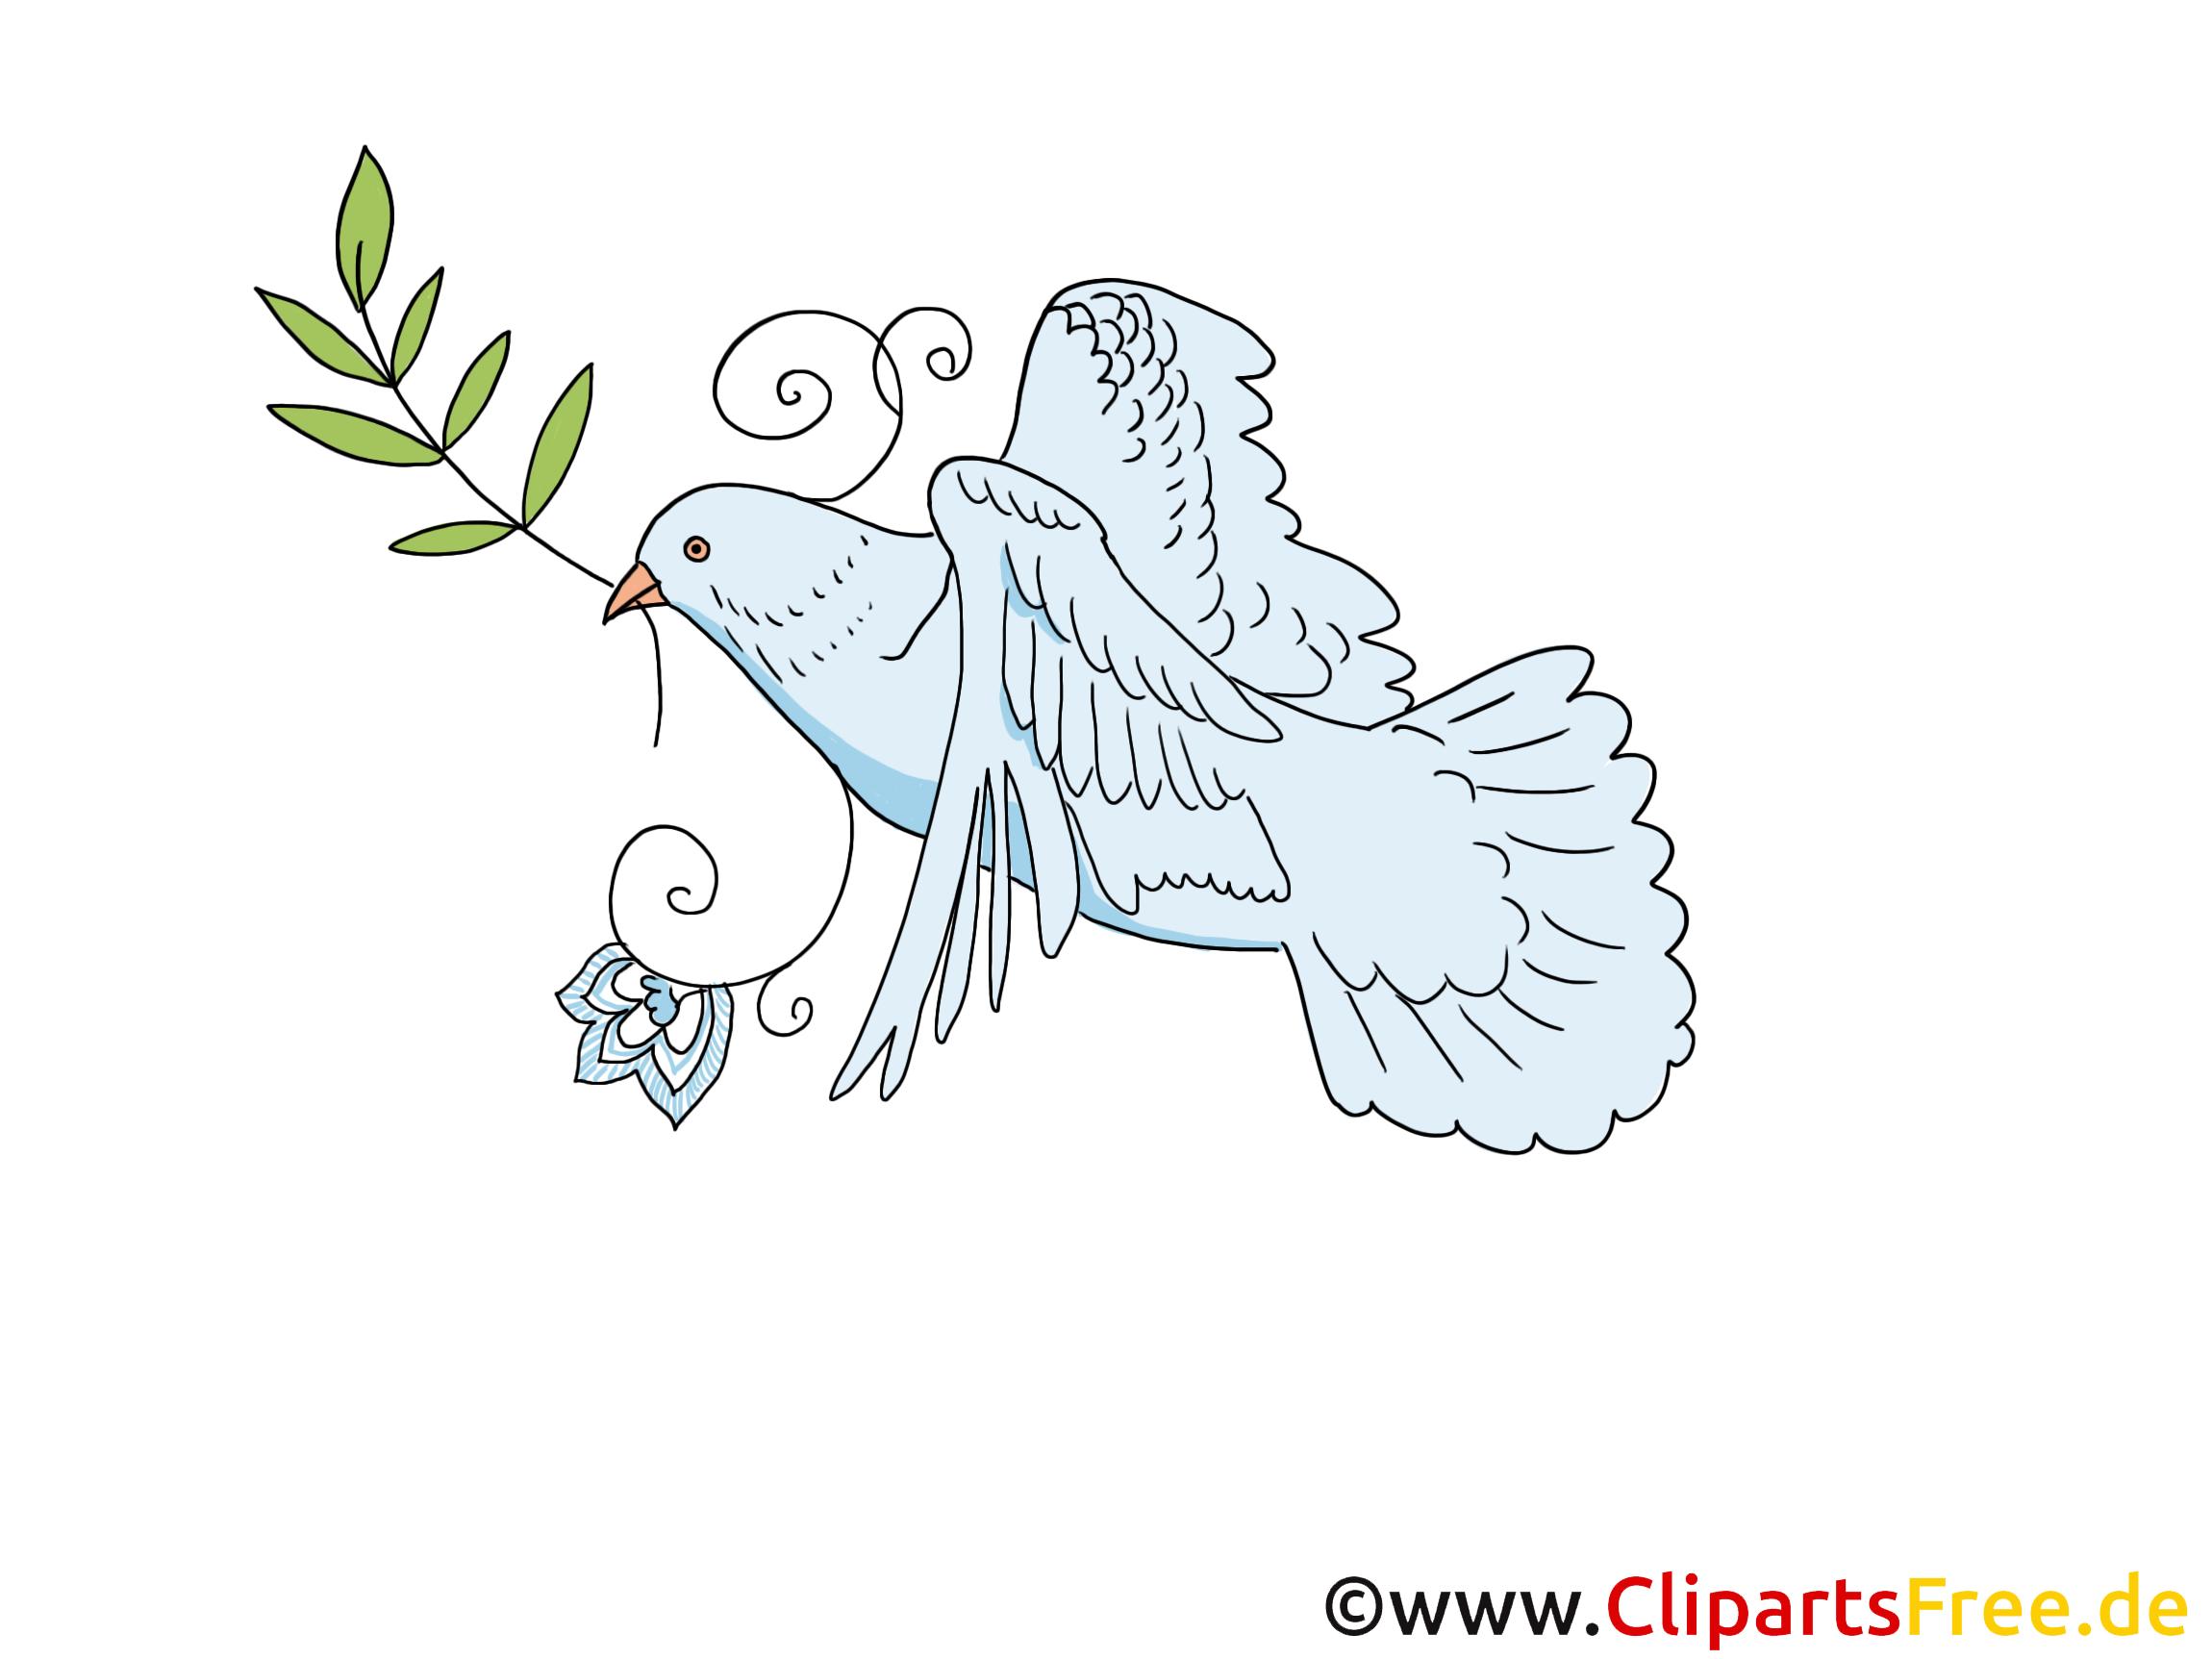 Taube zu Pfingsten Clipart, Bild, Cartoon